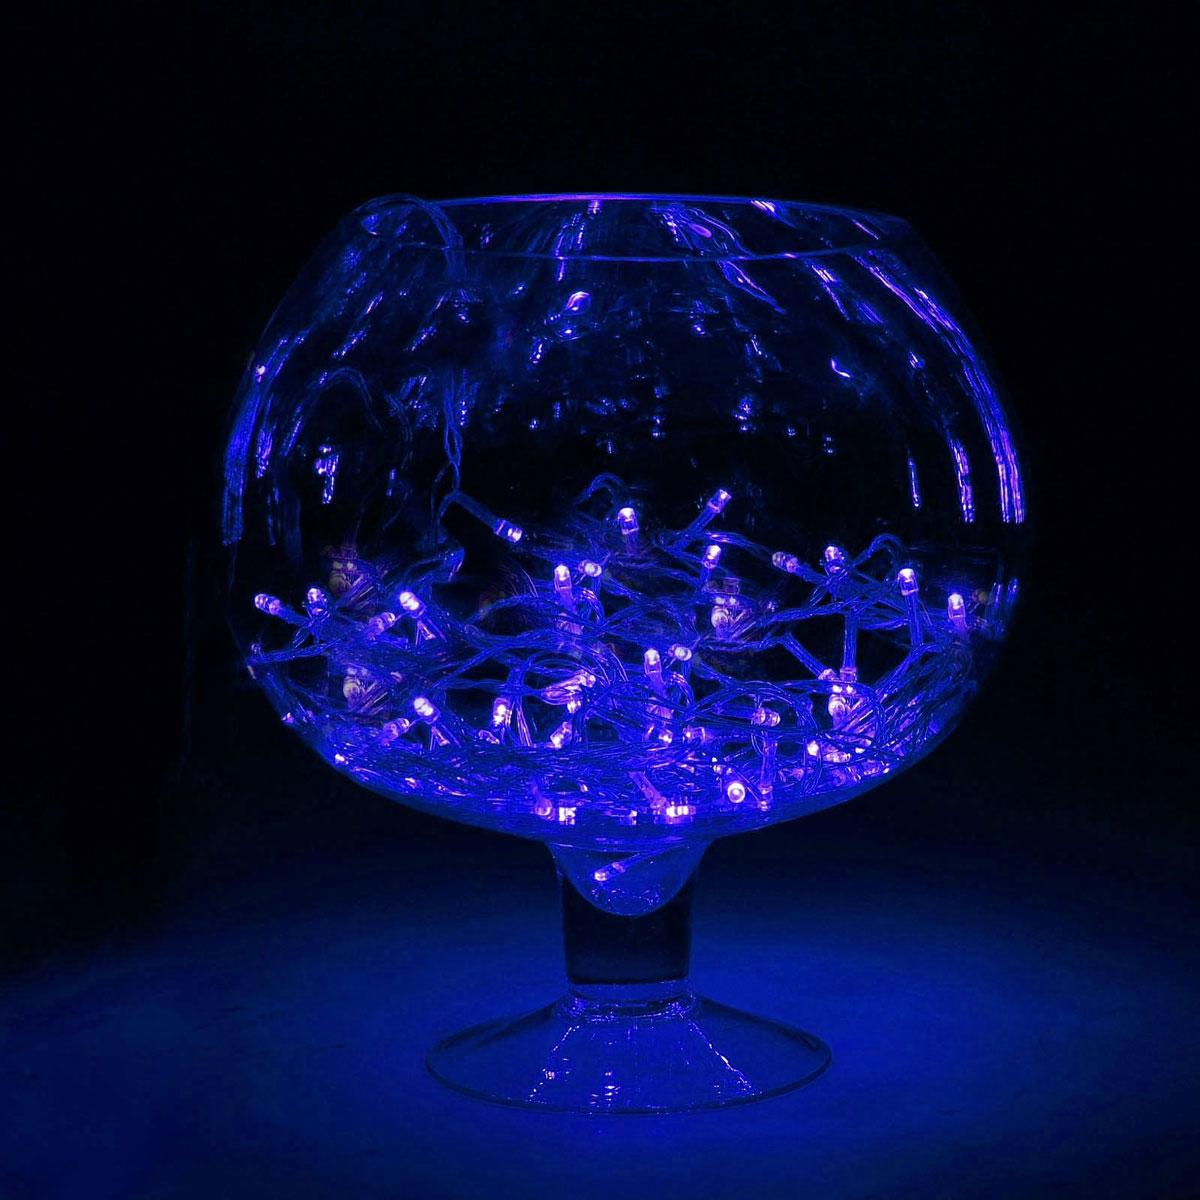 Гирлянда светодиодная Luazon Метраж, цвет: синий, 150 ламп, 8 режимов, 220 V, длина 13 м. 705987705987Светодиодные гирлянды и ленты — это отличный вариант для новогоднего оформления интерьера или фасада. С их помощью помещение любого размера можно превратить в праздничный зал, а внешние элементы зданий, украшенные ими, мгновенно станут напоминать очертания сказочного дворца. Такие украшения создают ауру предвкушения чуда. Деревья, фасады, витрины, окна и арки будто специально созданы, чтобы вы украсили их светящимися нитями.